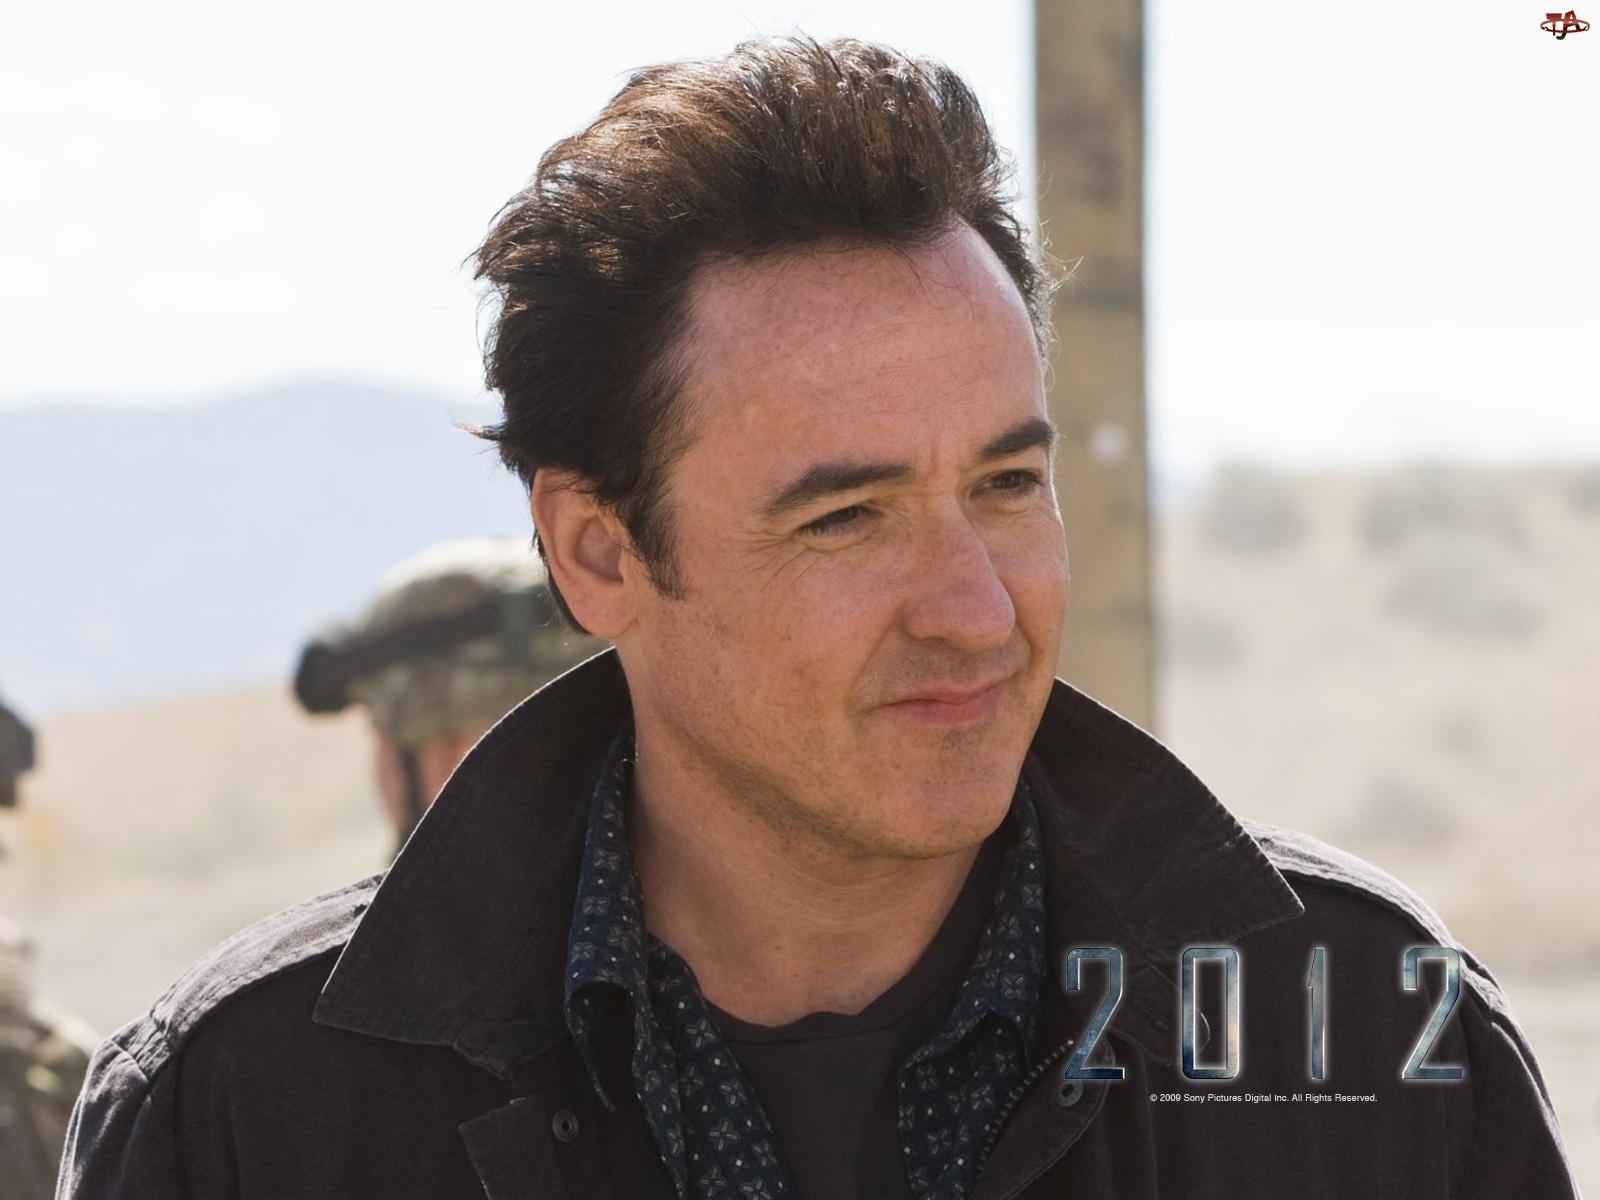 John Cusack, 2012, Aktor